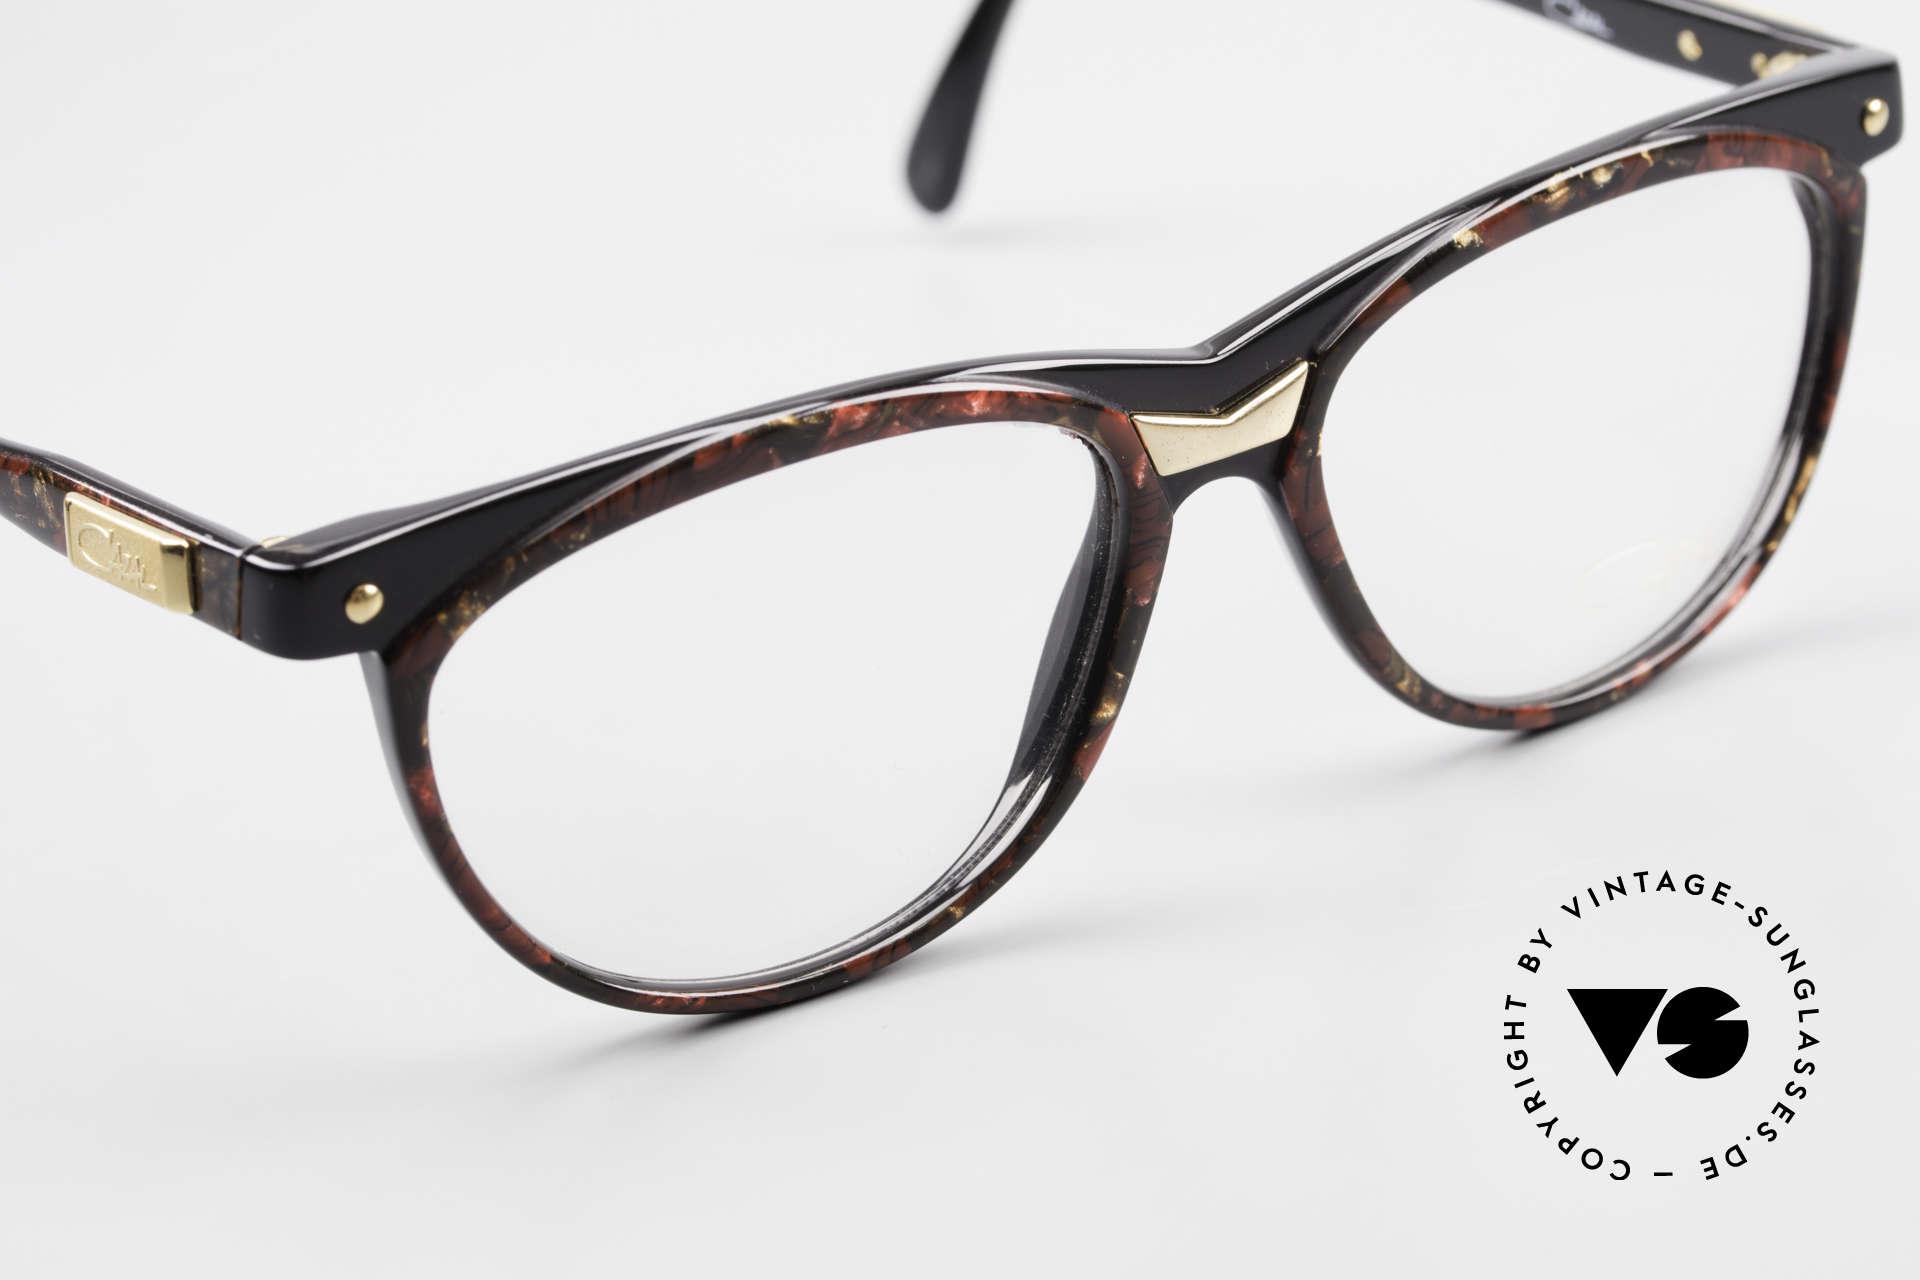 Cazal 331 True Vintage Designer Brille, KEINE RETRObrille, sondern ein altes ORIGINAL!, Passend für Herren und Damen